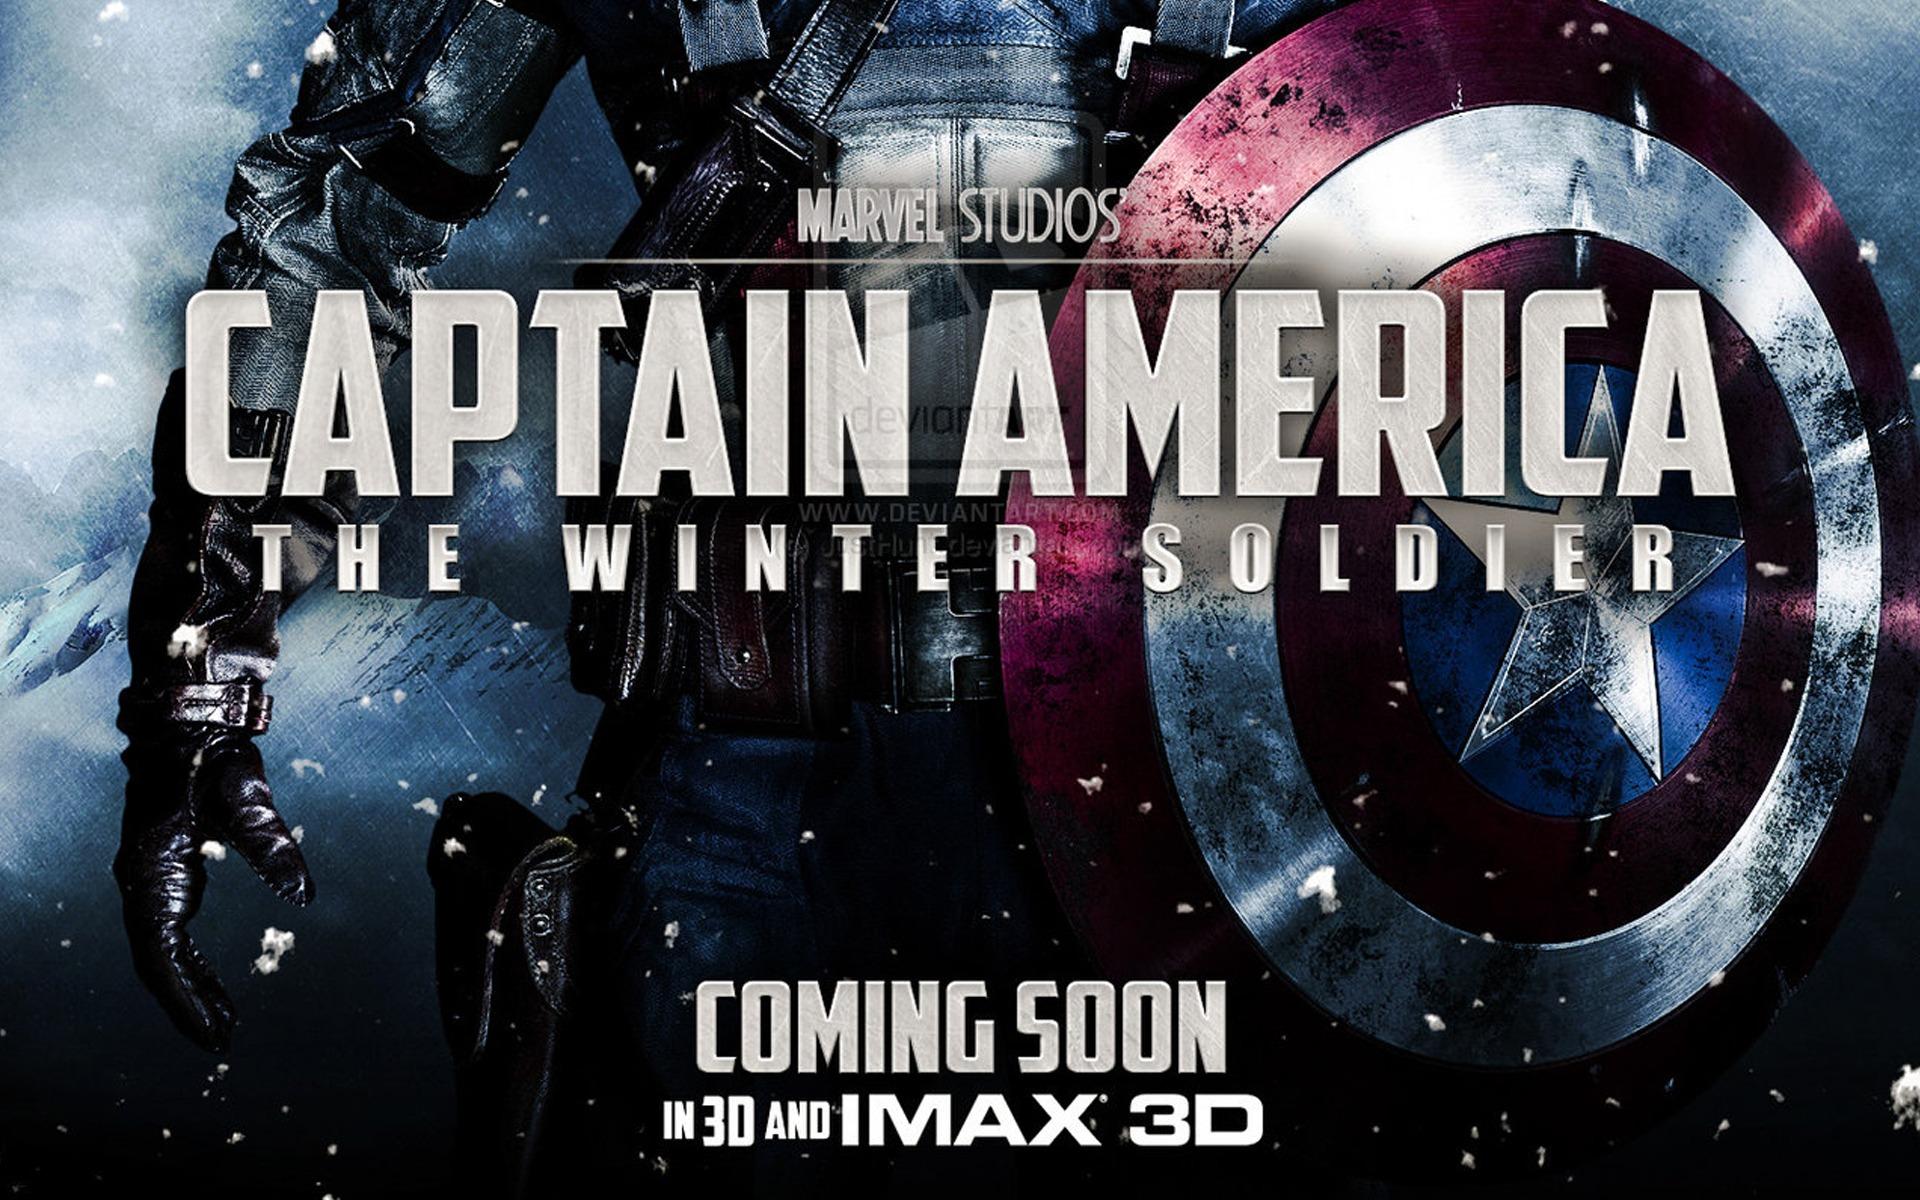 电影高清壁纸_captain america:the winter soldier 美国队长:冬日战士电影高清壁纸